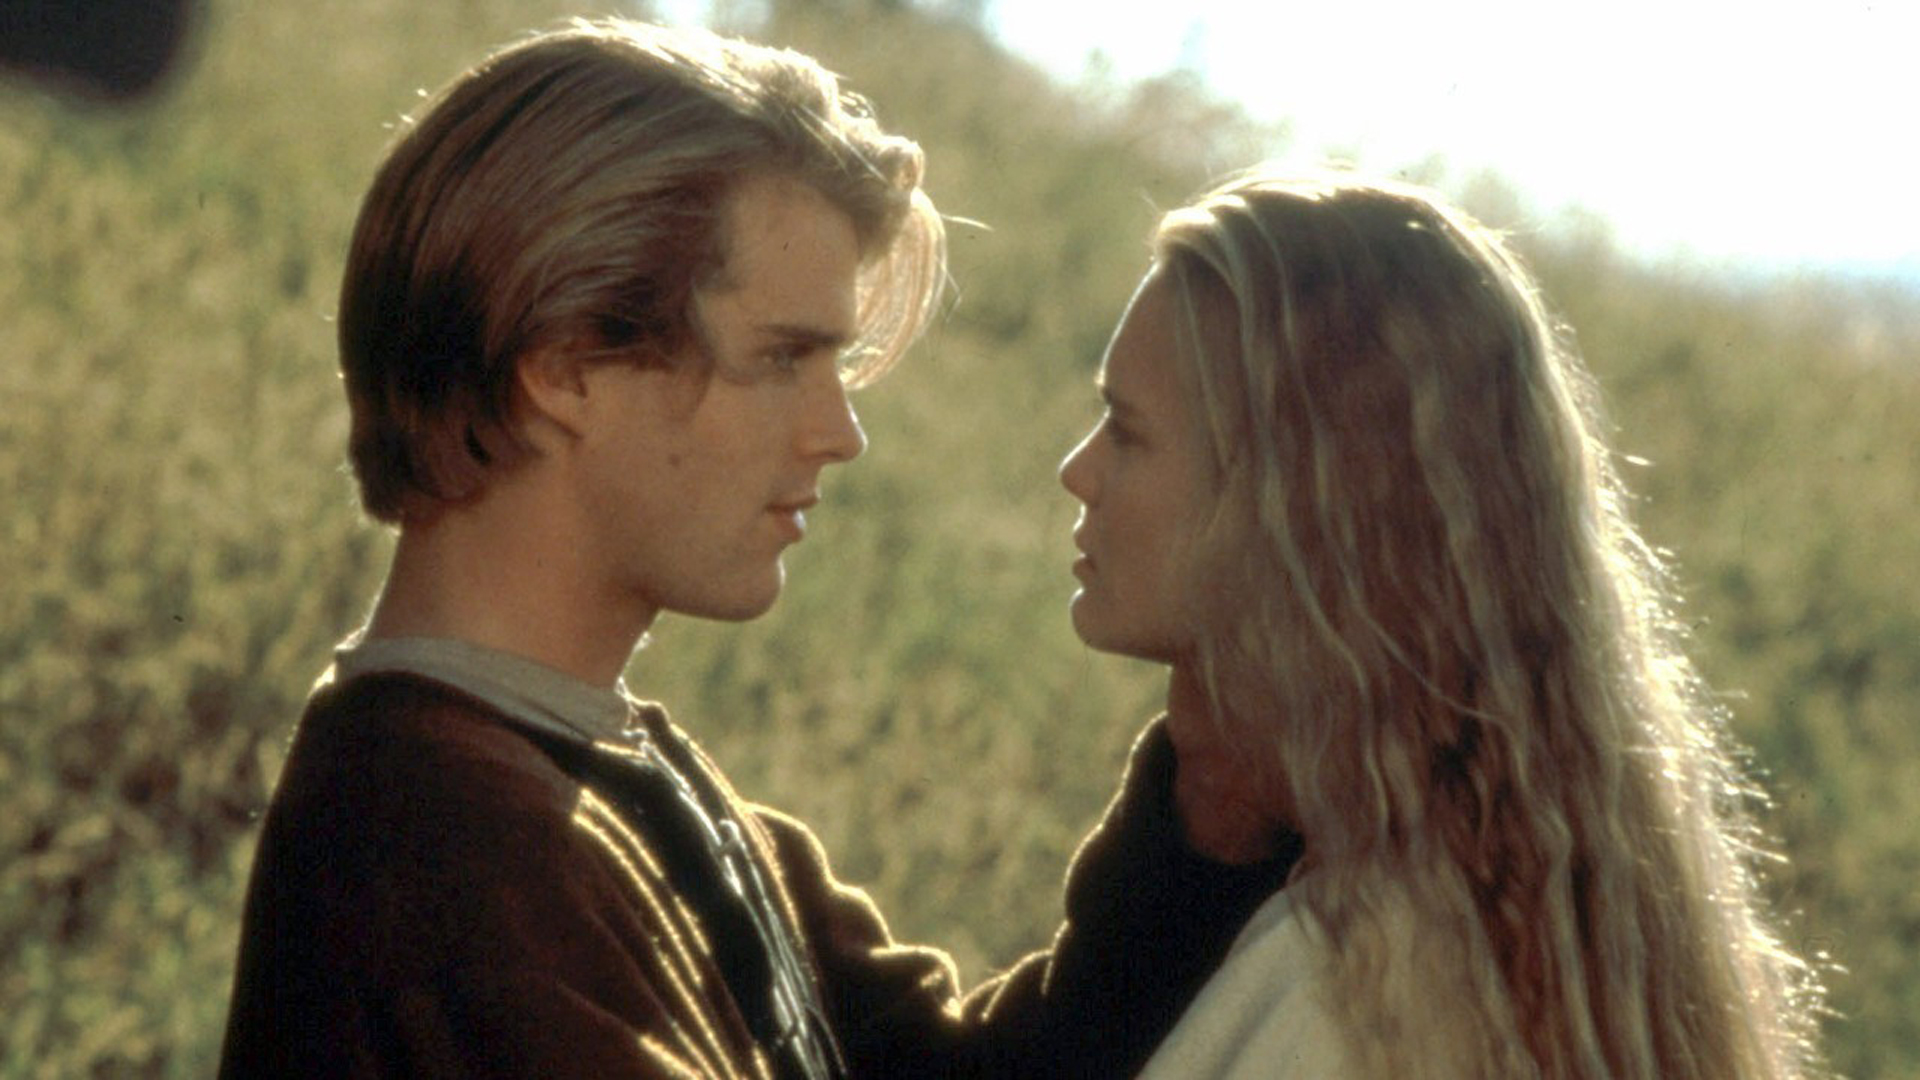 Sony Pictures quiere hacer remake del clásico de culto The Princess Bride